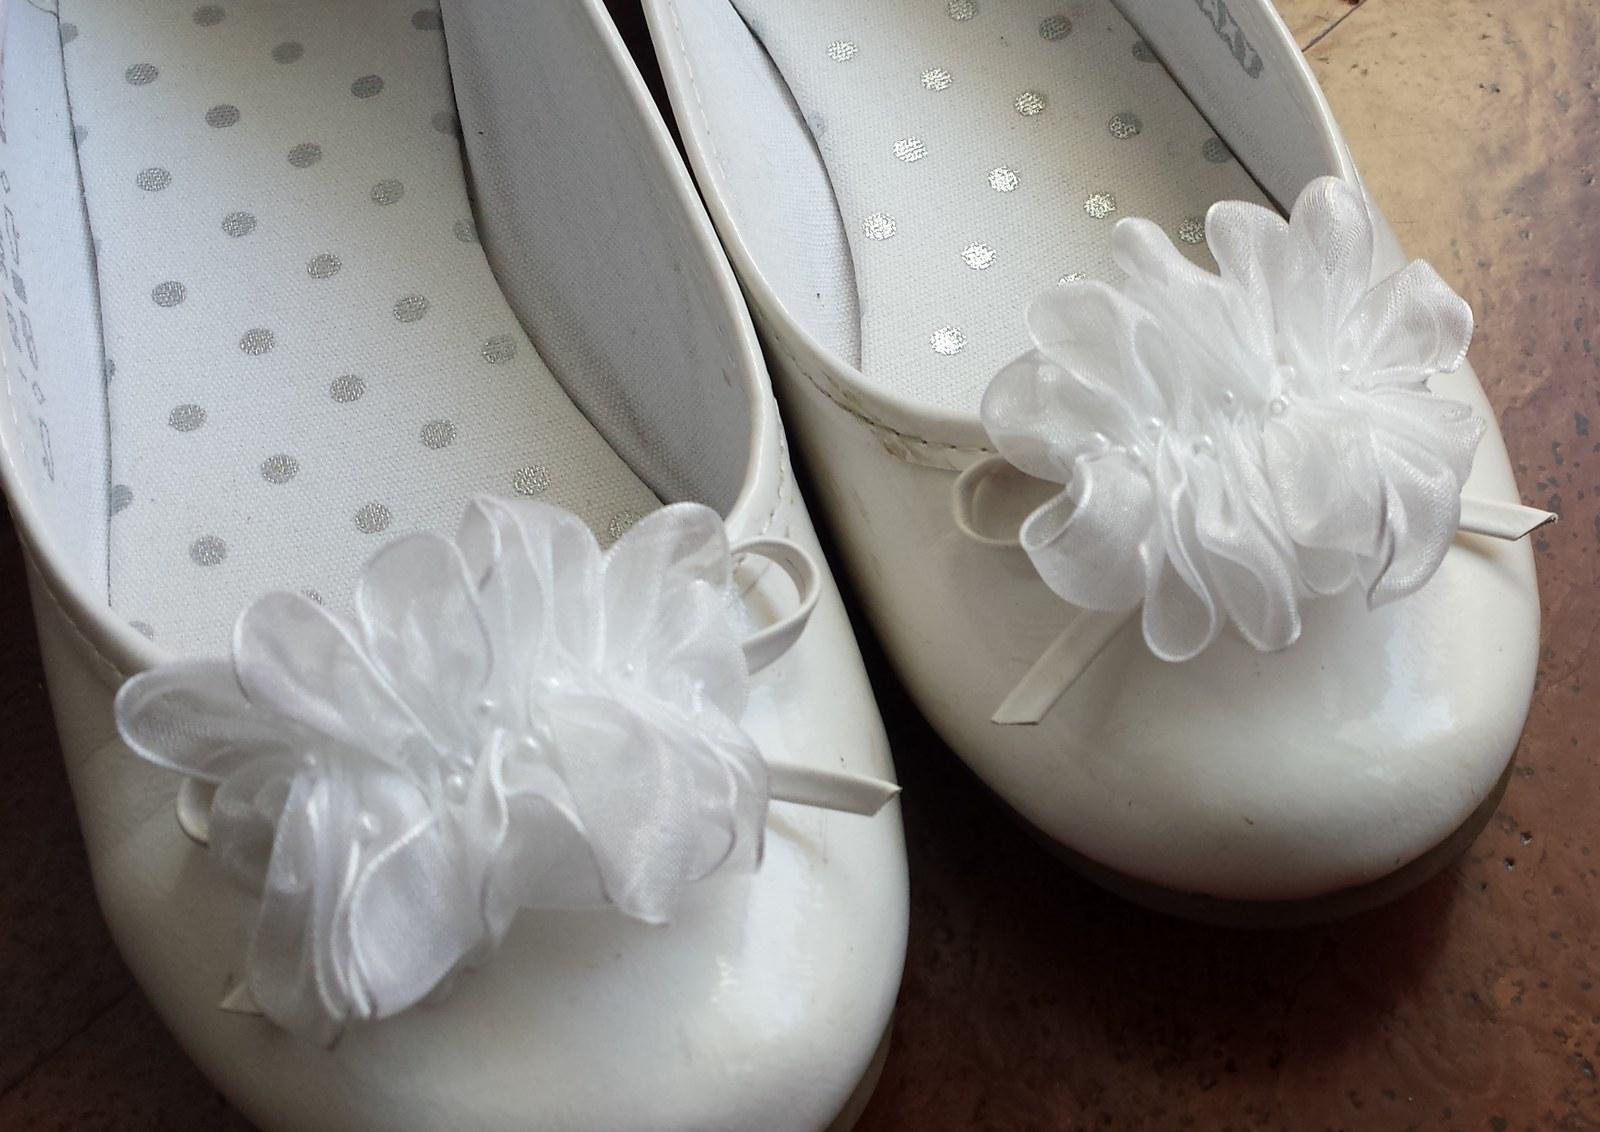 Klipy na boty pro nevěstu-bílá šifonová aplikace - Obrázek č. 1